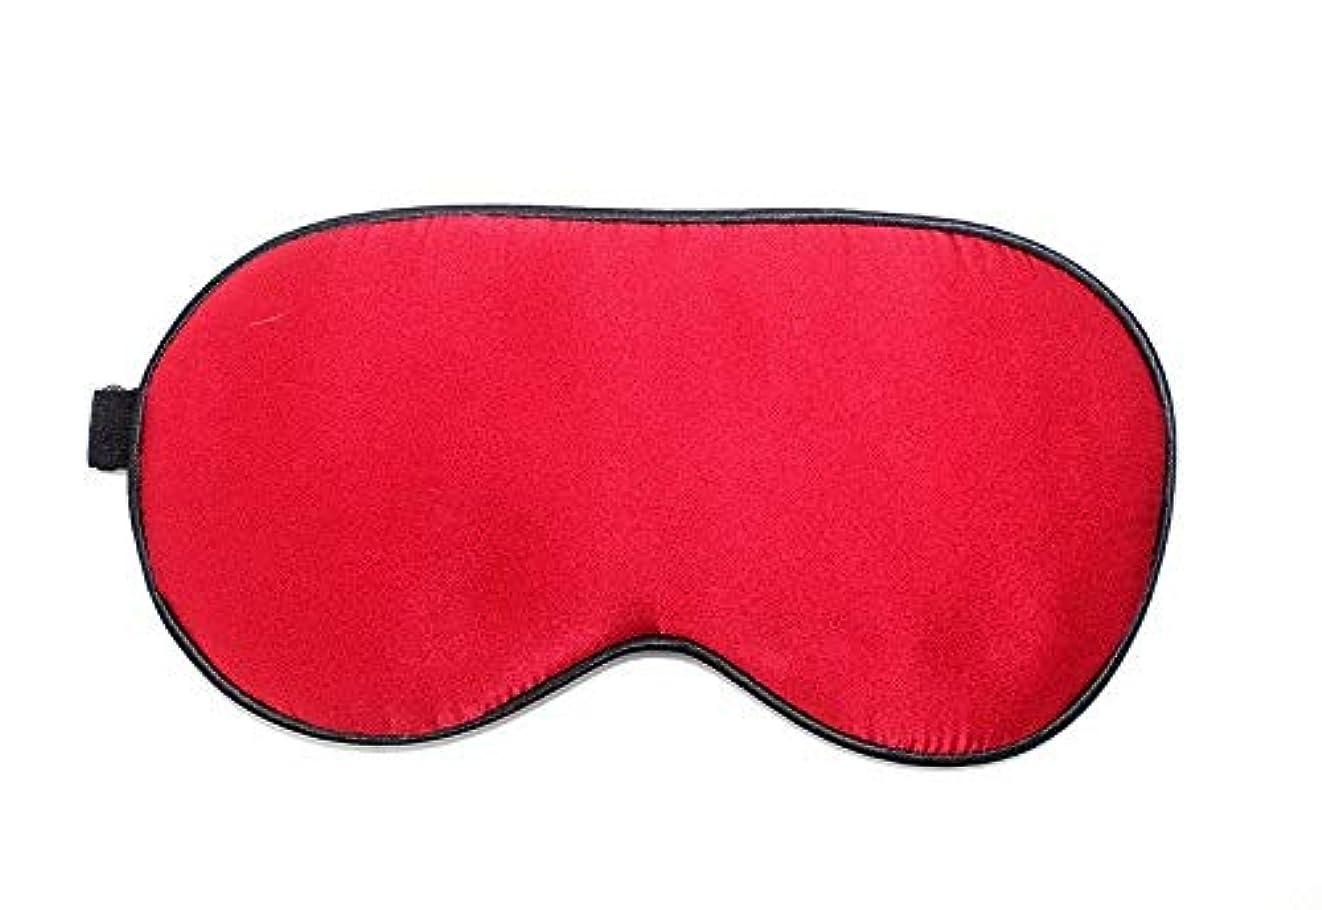 ショートカットバット困惑するNOTE 睡眠マスクアイパッチ睡眠マスク高級シルクアイシェードファッションソフトポータブル旅行リラックス睡眠補助MP0188